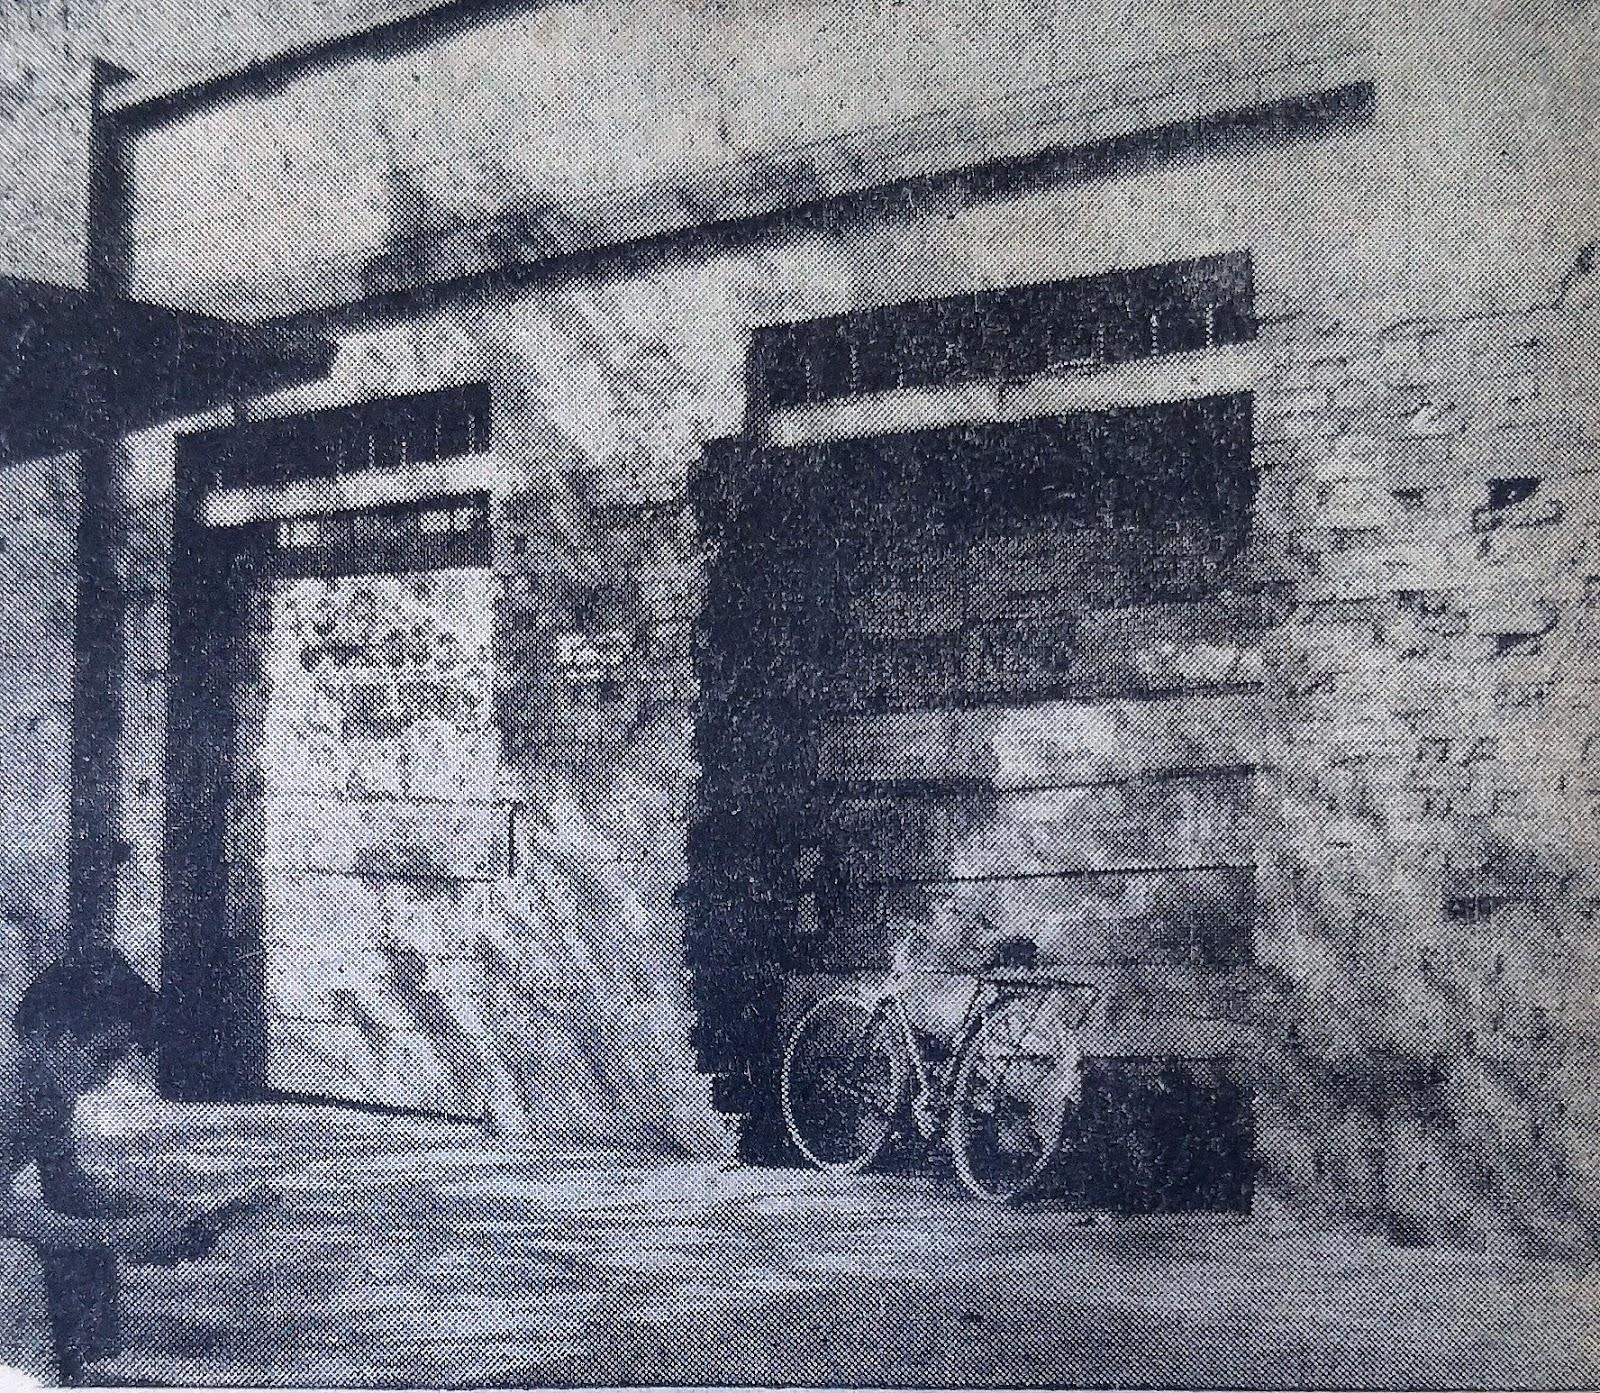 O lado mau da cidade - Avenida Getúlio Vargas - 1960